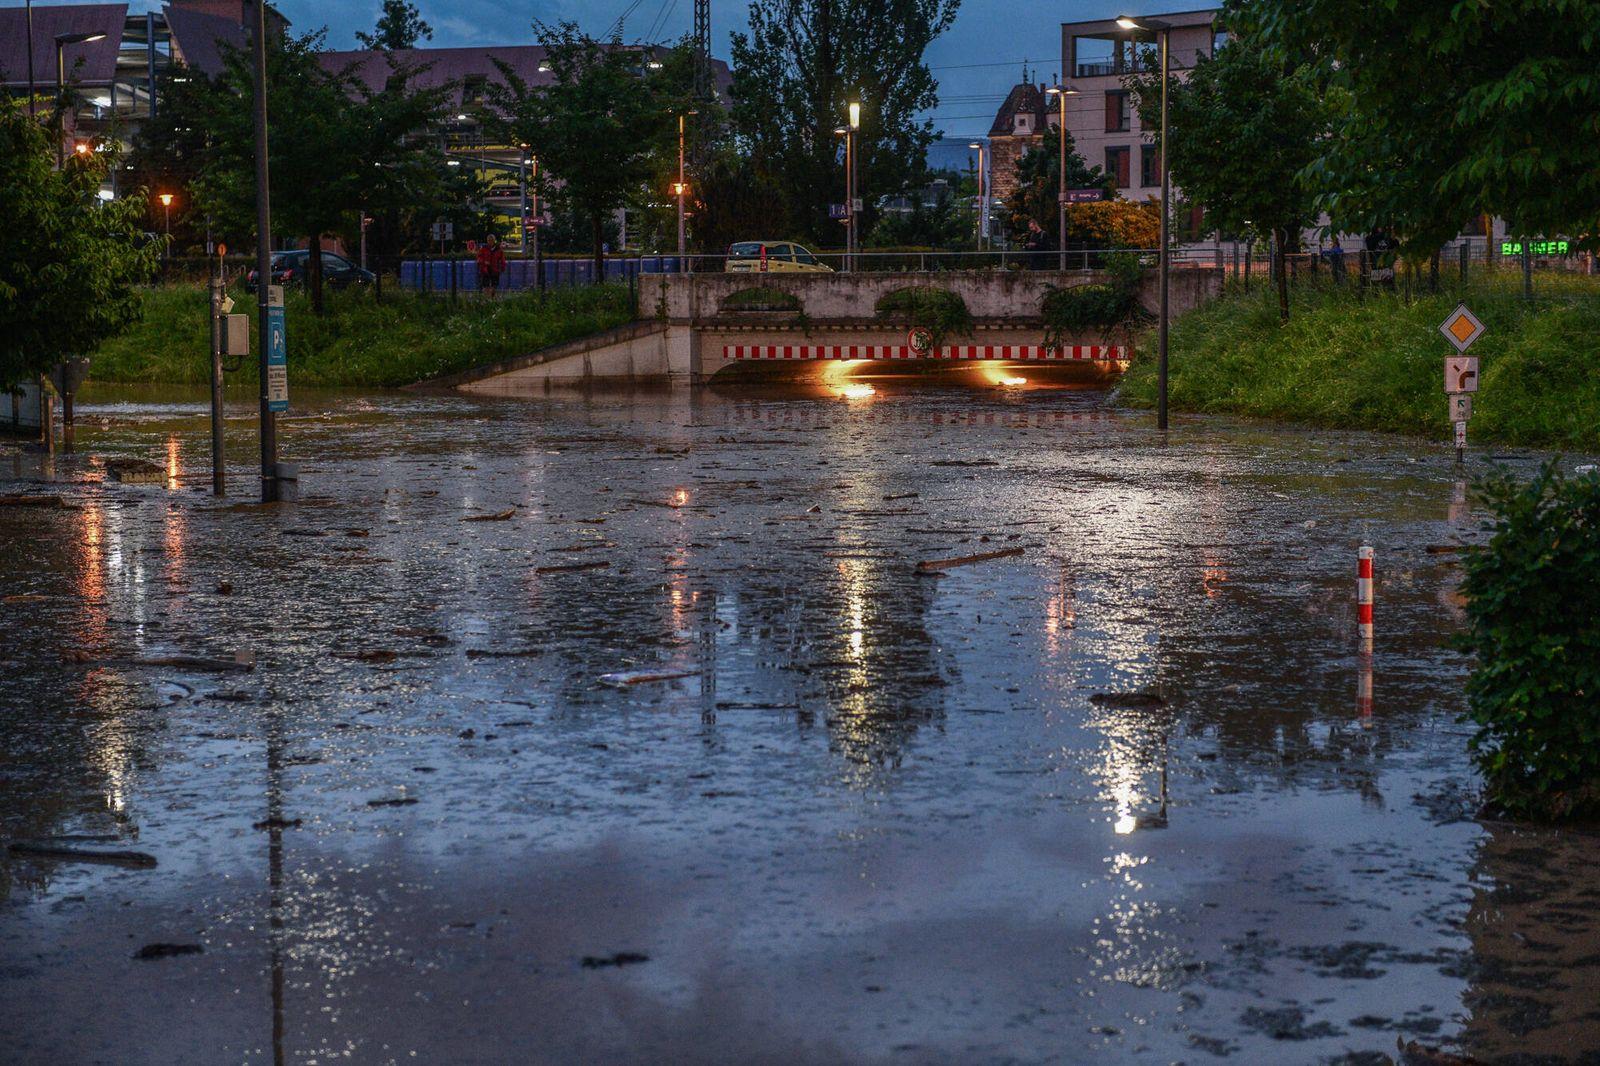 Unwetter in Schwäbisch Gmünd, 23.06.2021, Baden-Württemberg, Schwäbisch Gmünd: Feuerwehrleute sind nach einem starken G